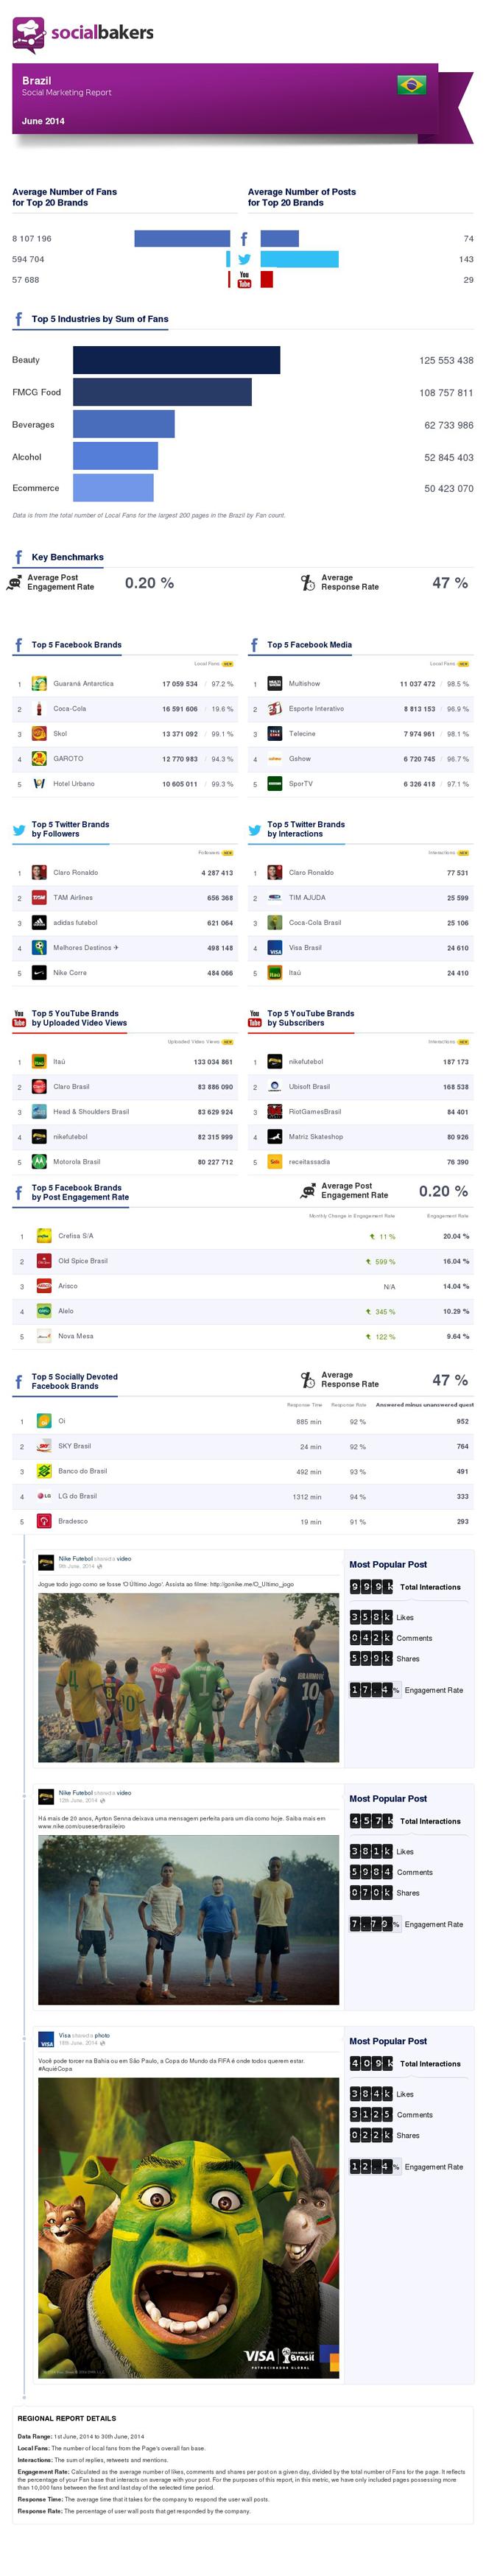 socialbakers-socialmedia-brazil-june2014